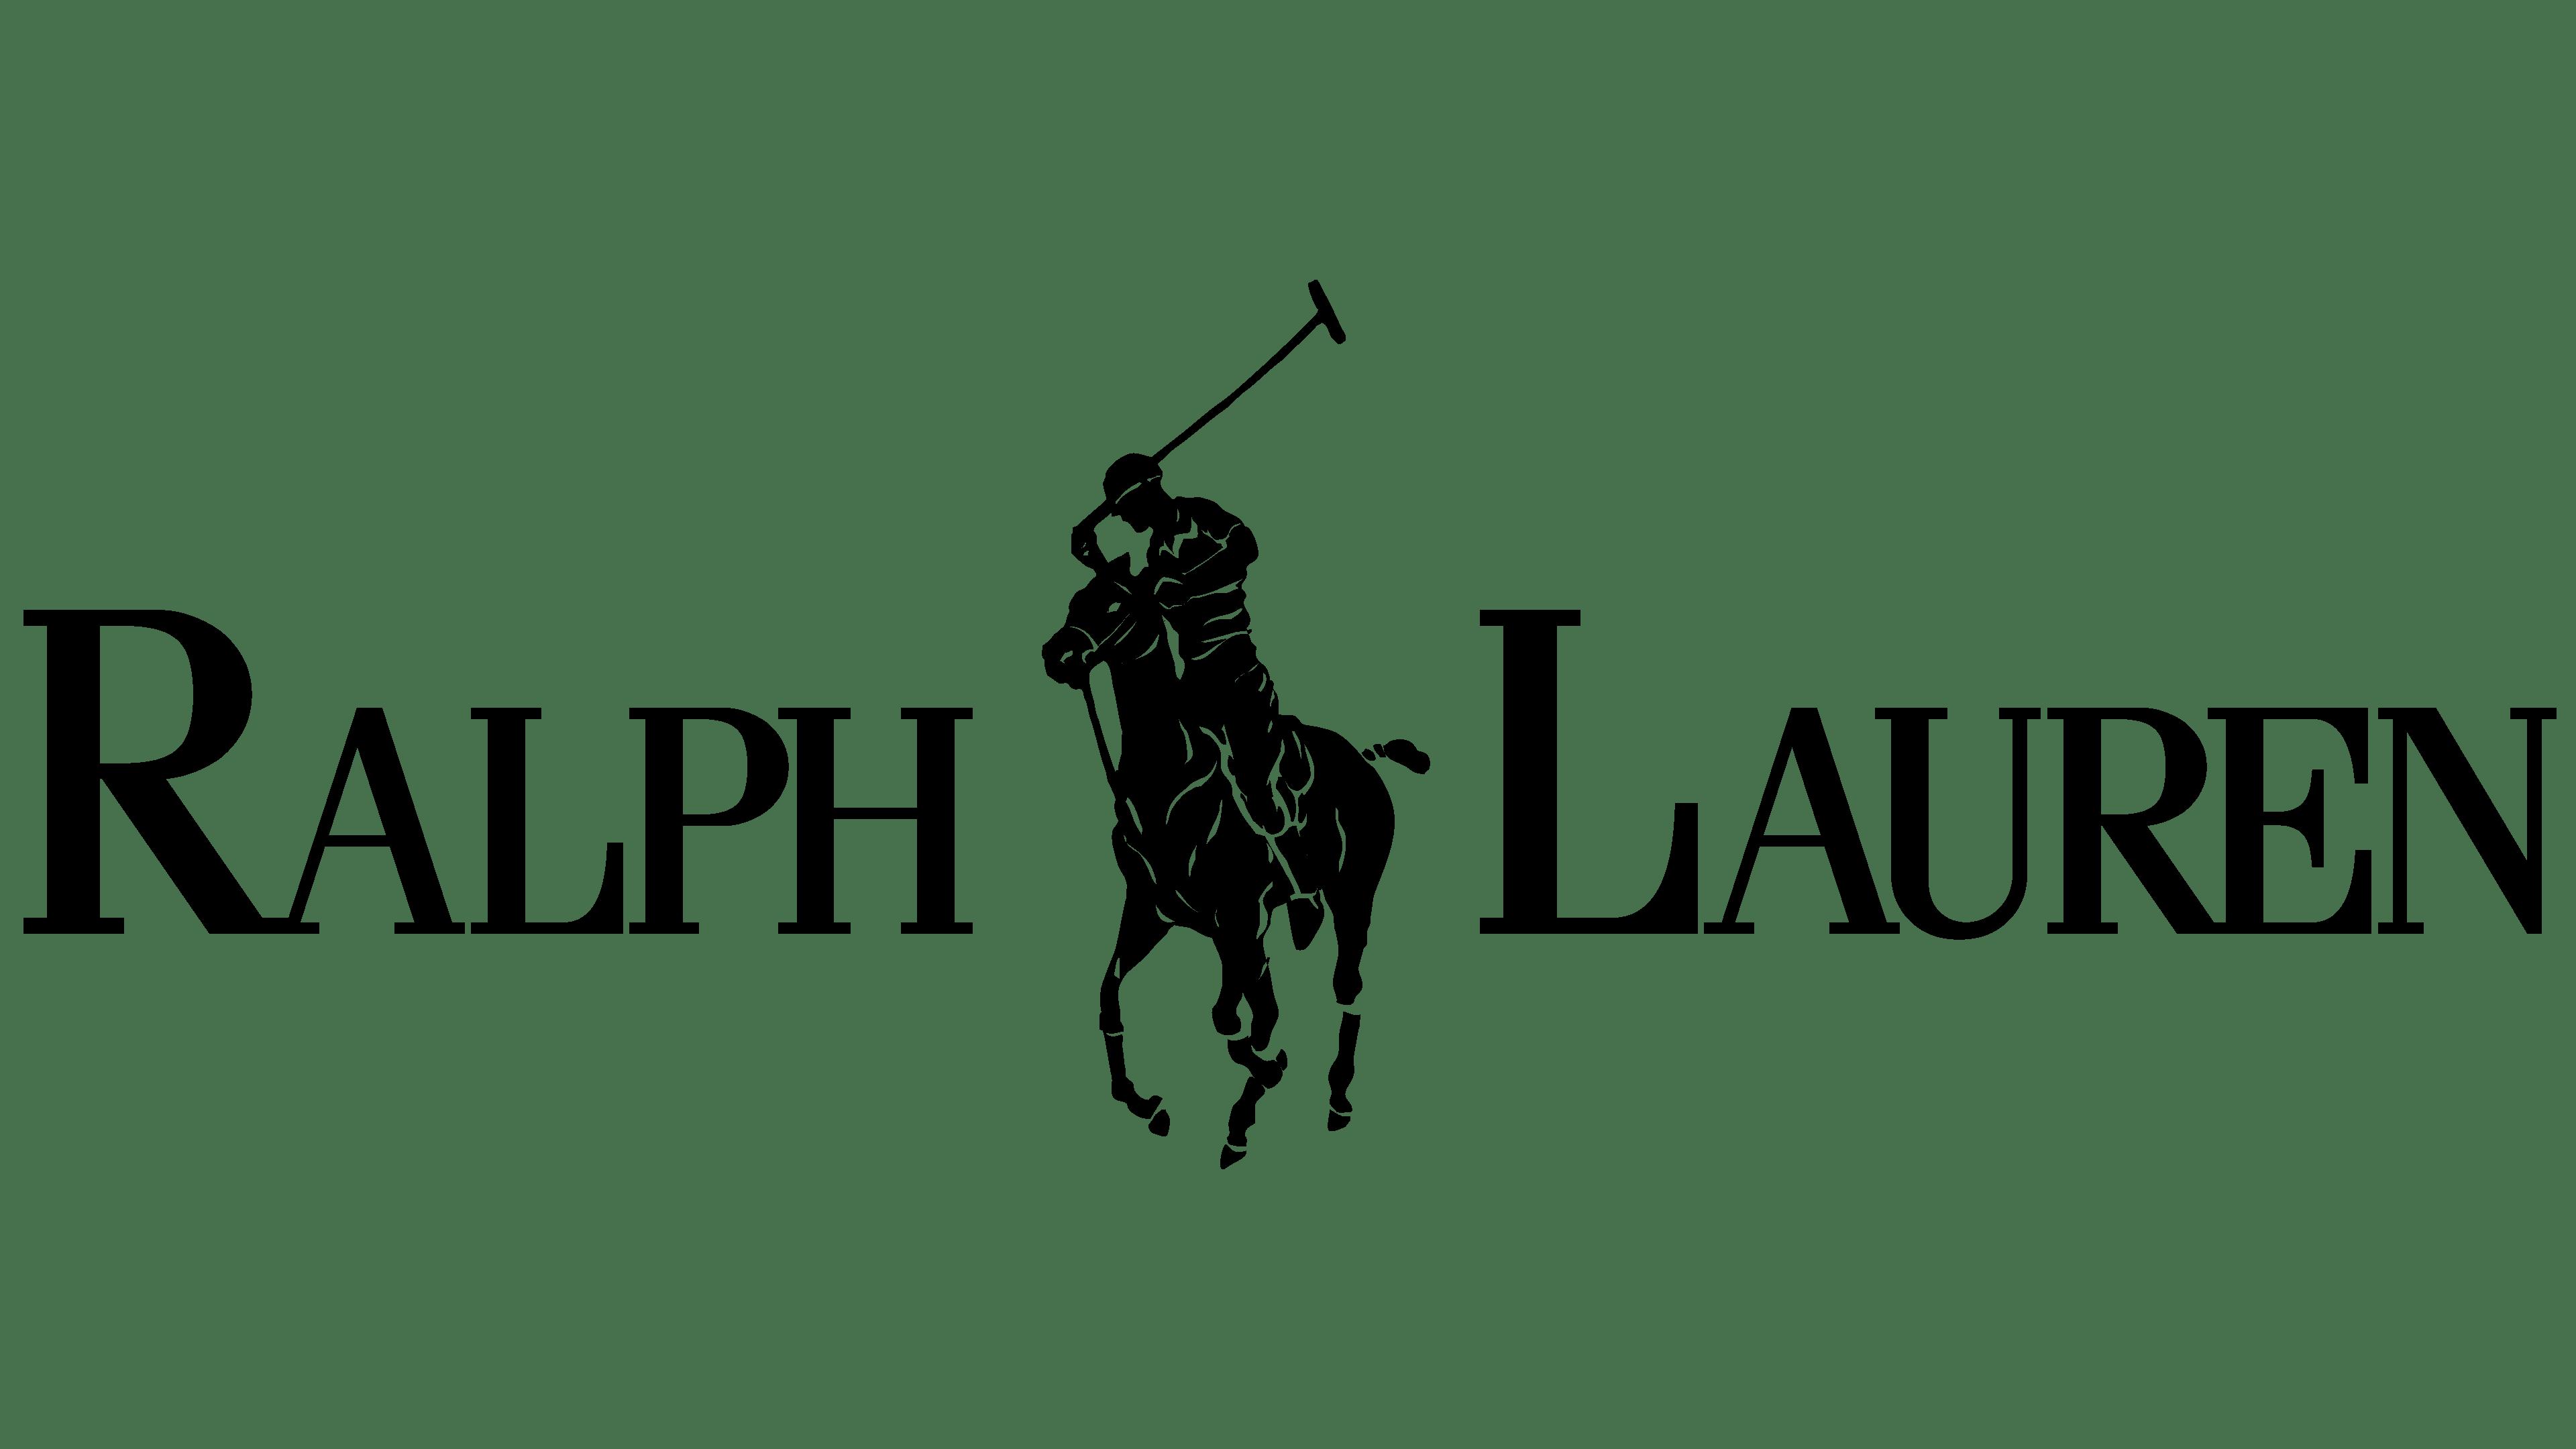 Ralph Lauren symbol